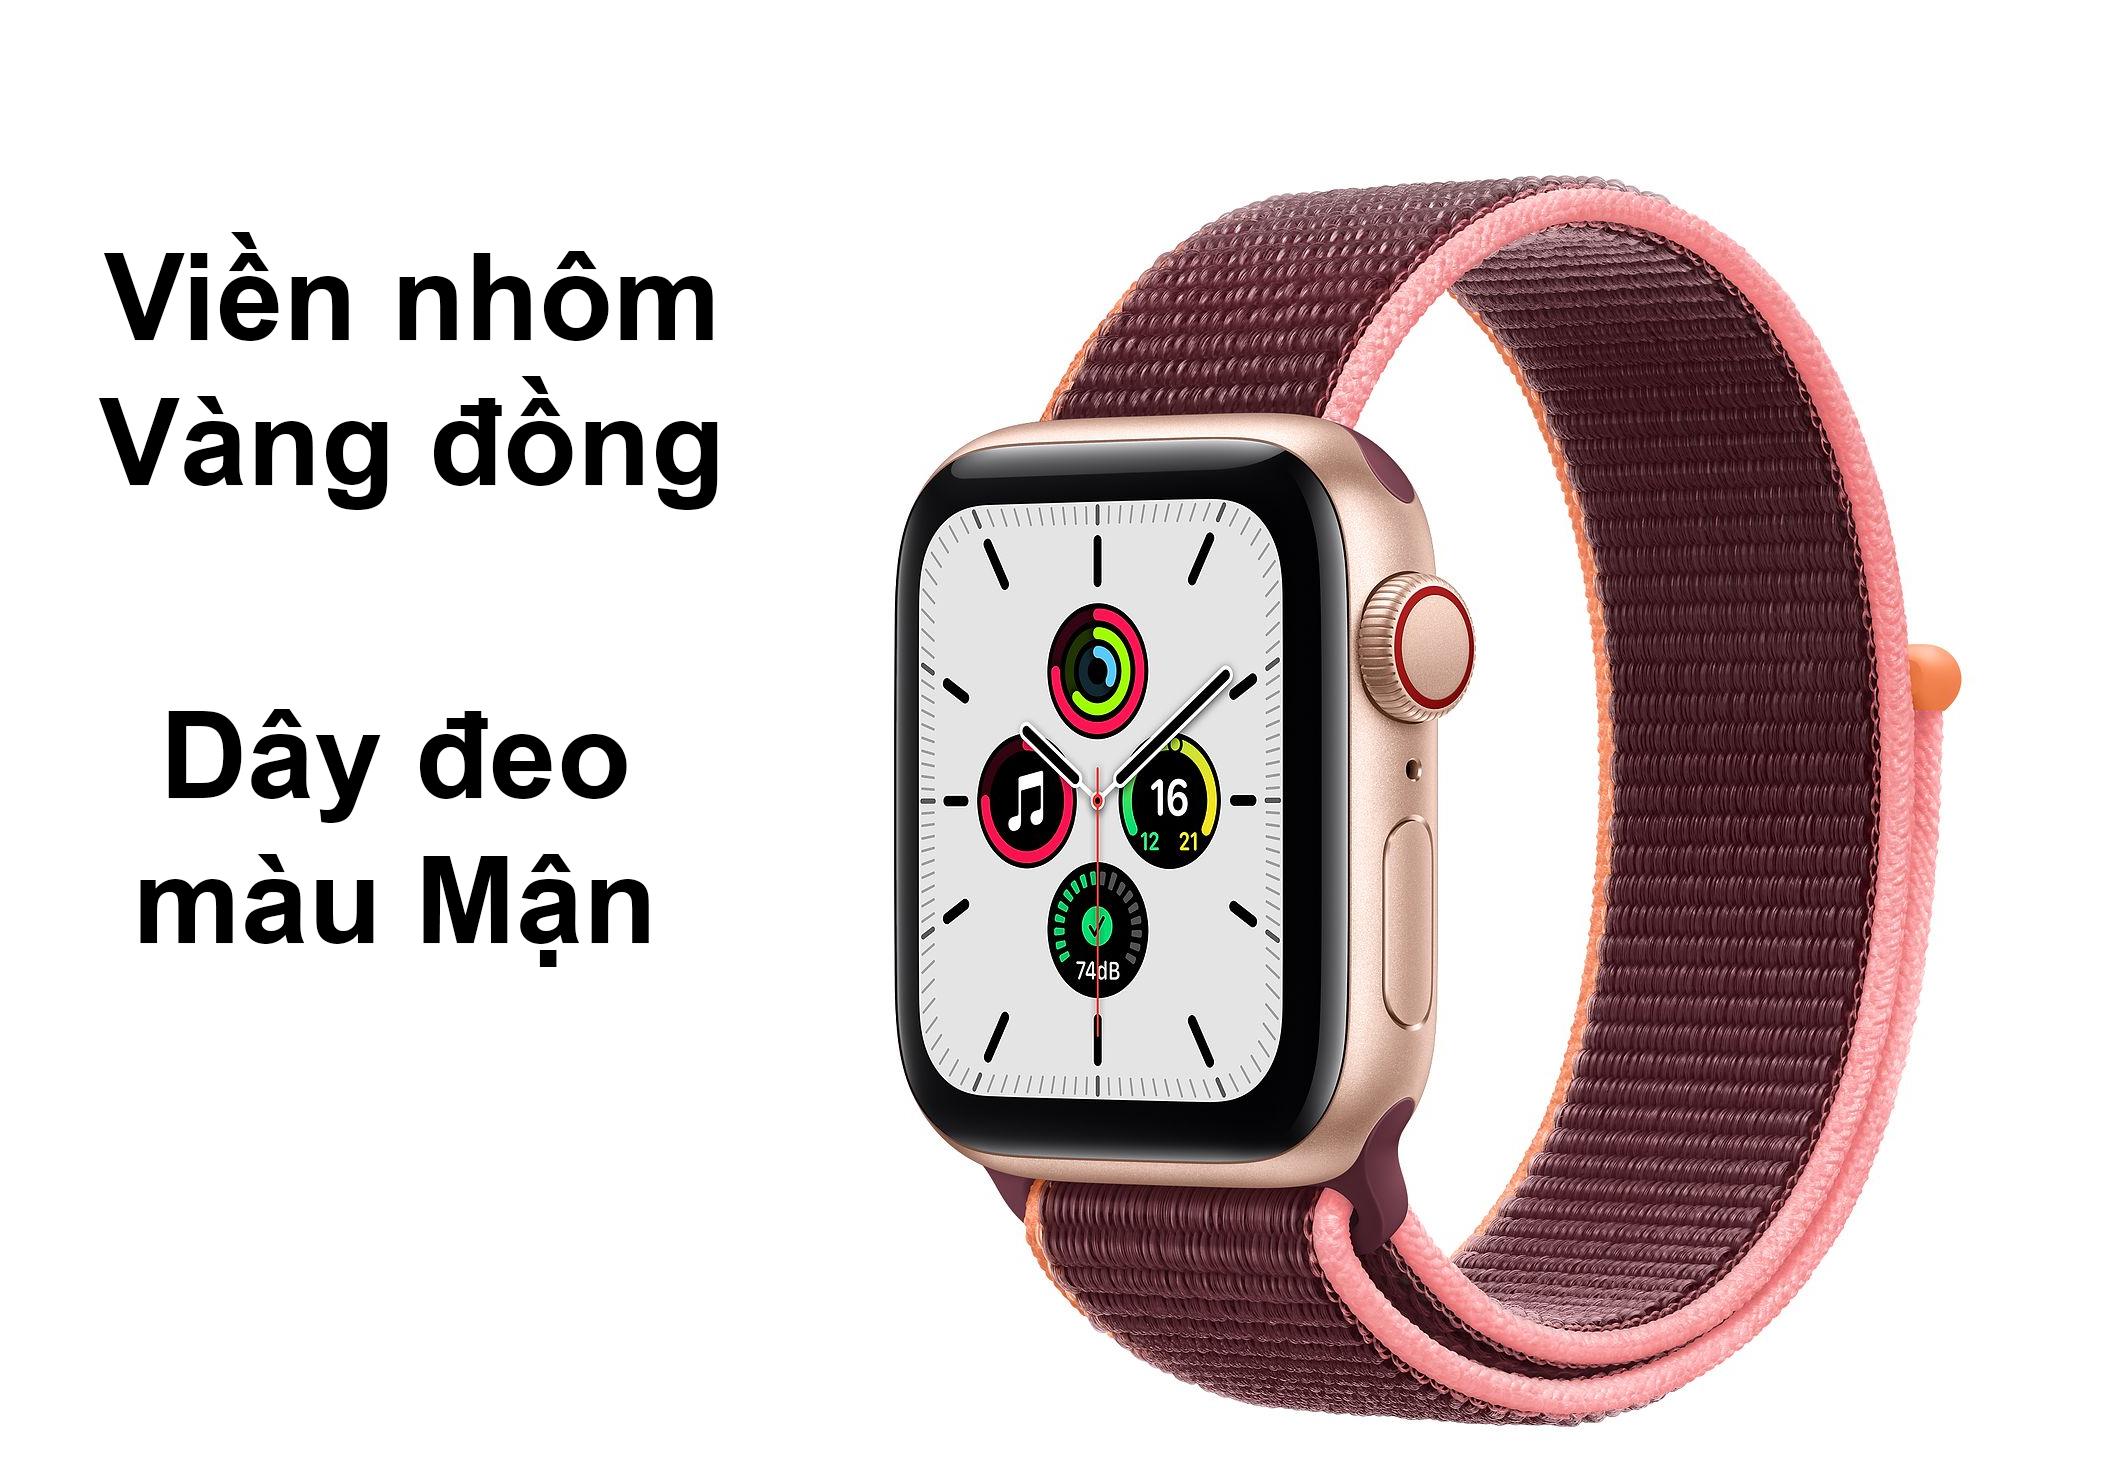 Apple Watch Series SE GPS + 4G 44mm viền nhôm Vàng Đồng dâymàu Mận nổi bật